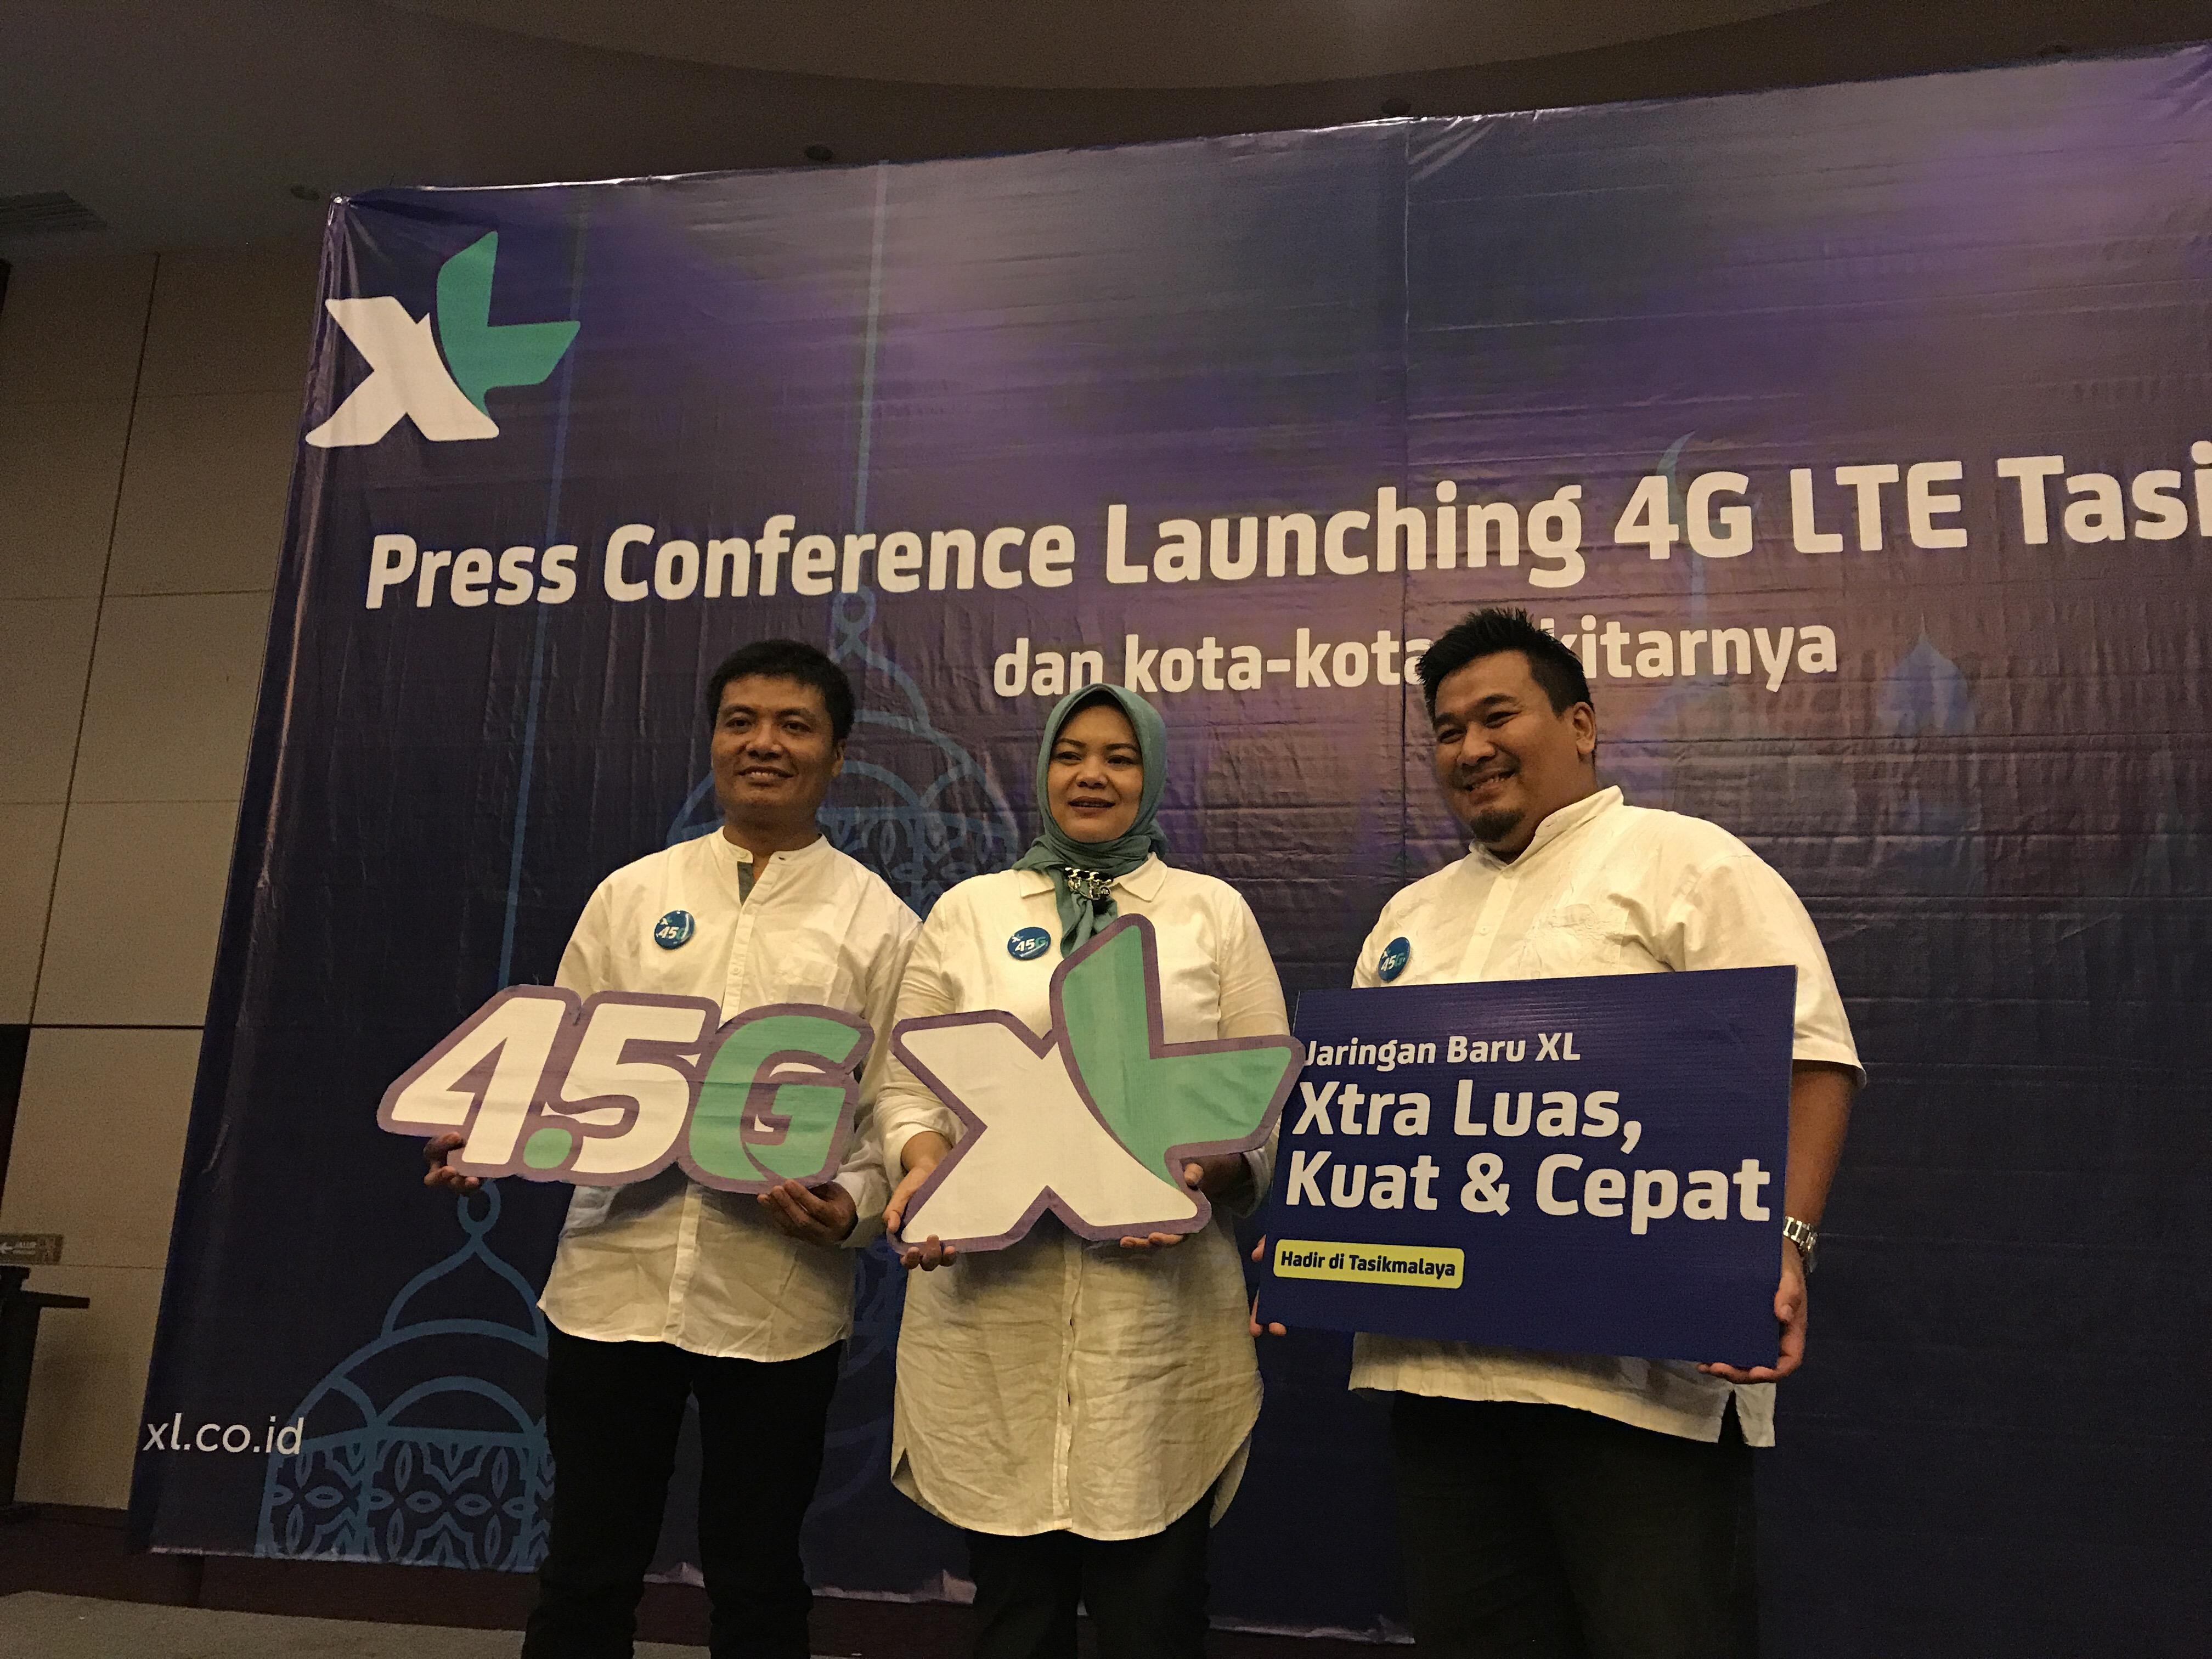 Sekarang Bisa Internetan Kenceng Pakai XL 4G LTE di Tasikmalaya